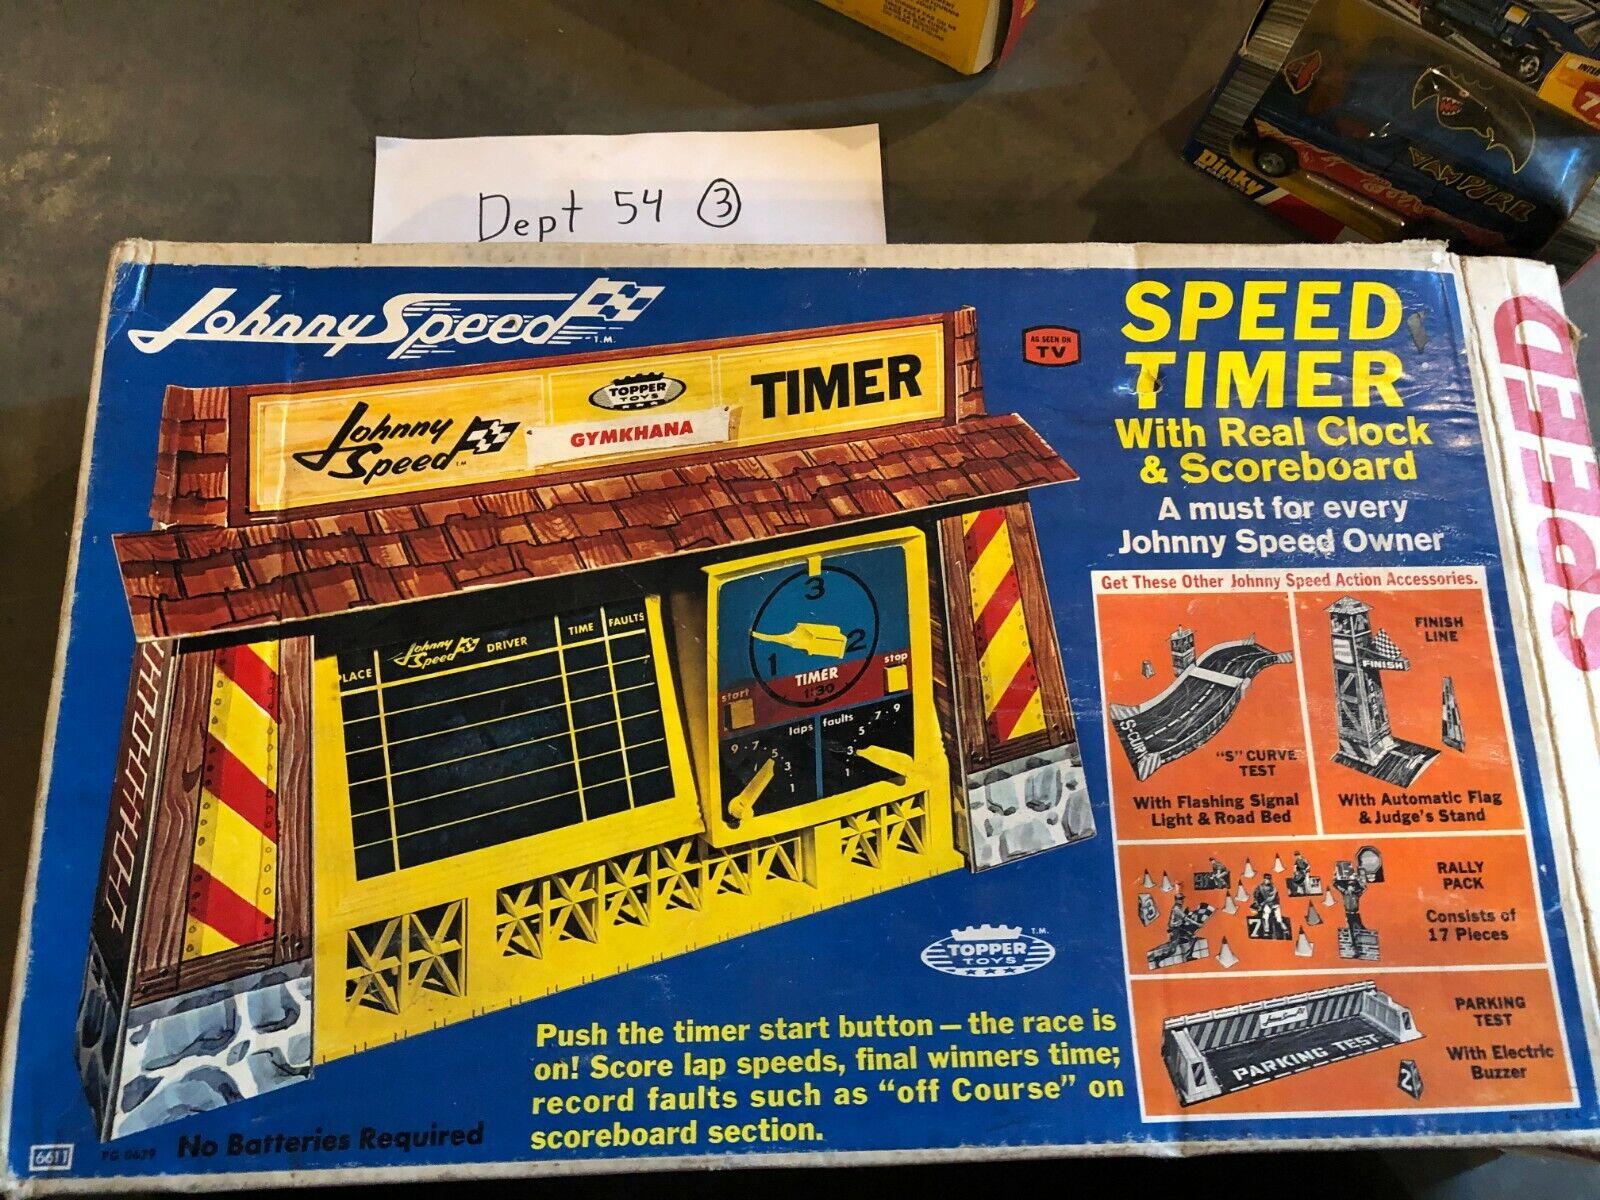 Vintage Topper giocattoli Johnny Speed Timer Eccellente con la scatola